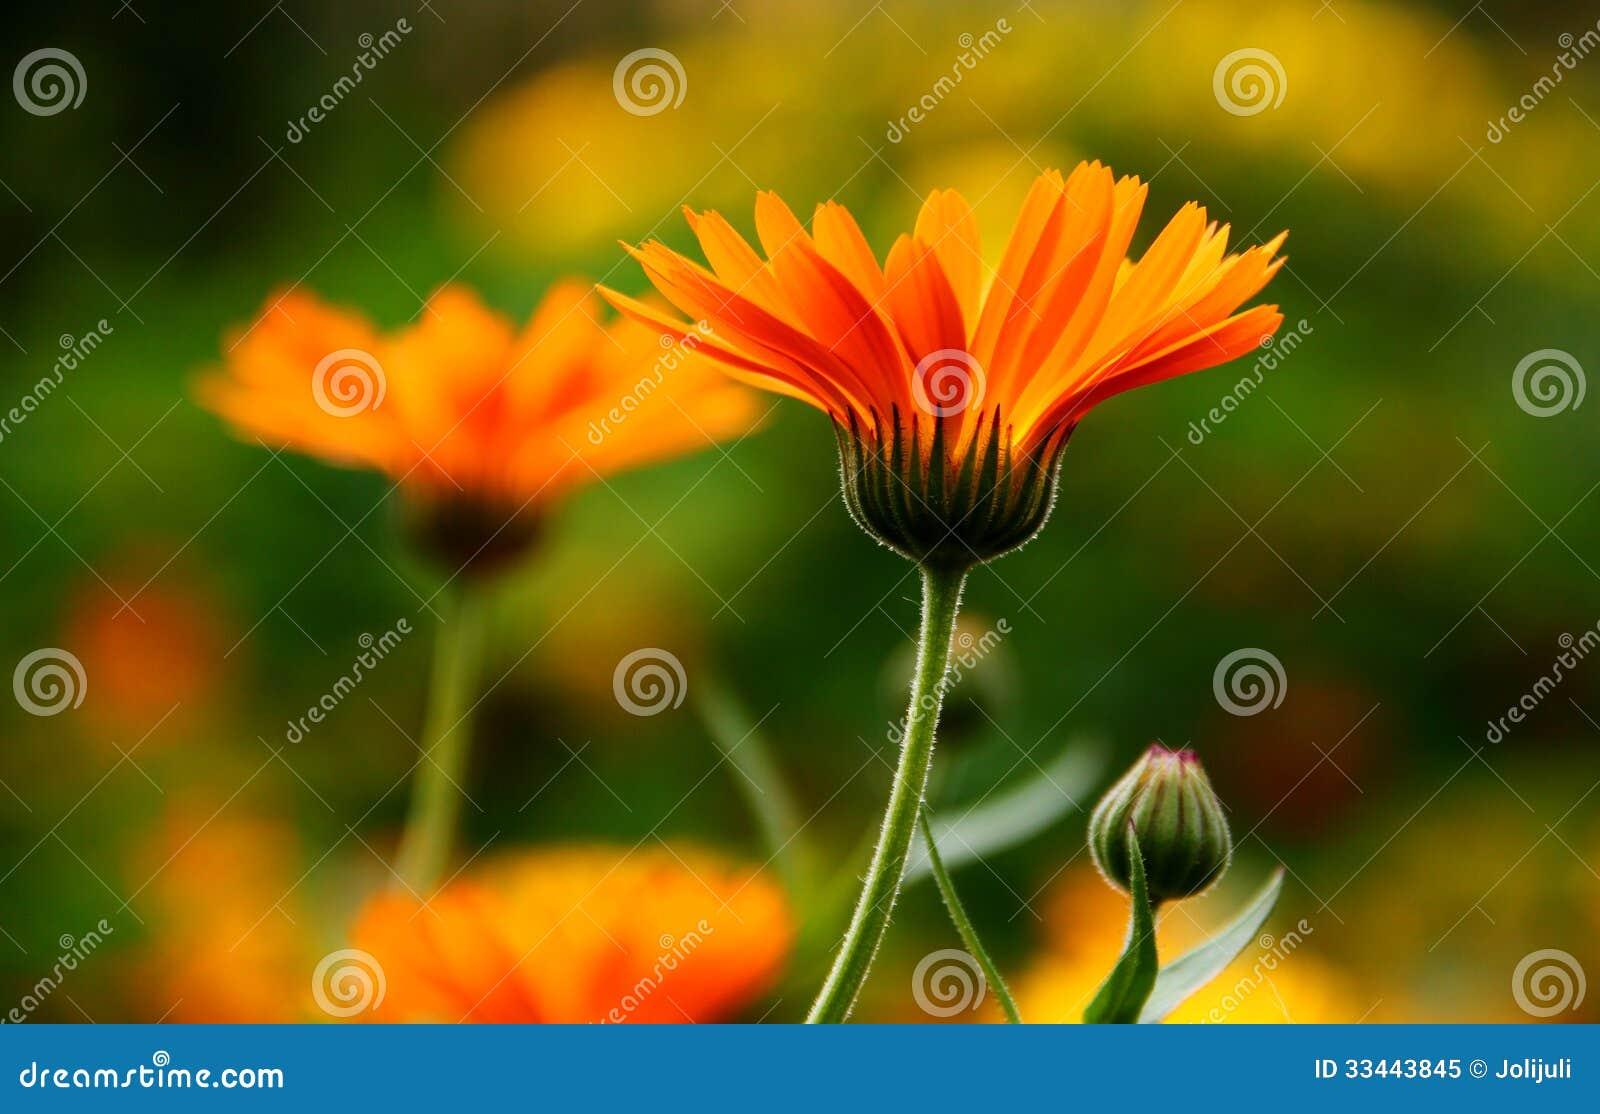 Flor del Calendula